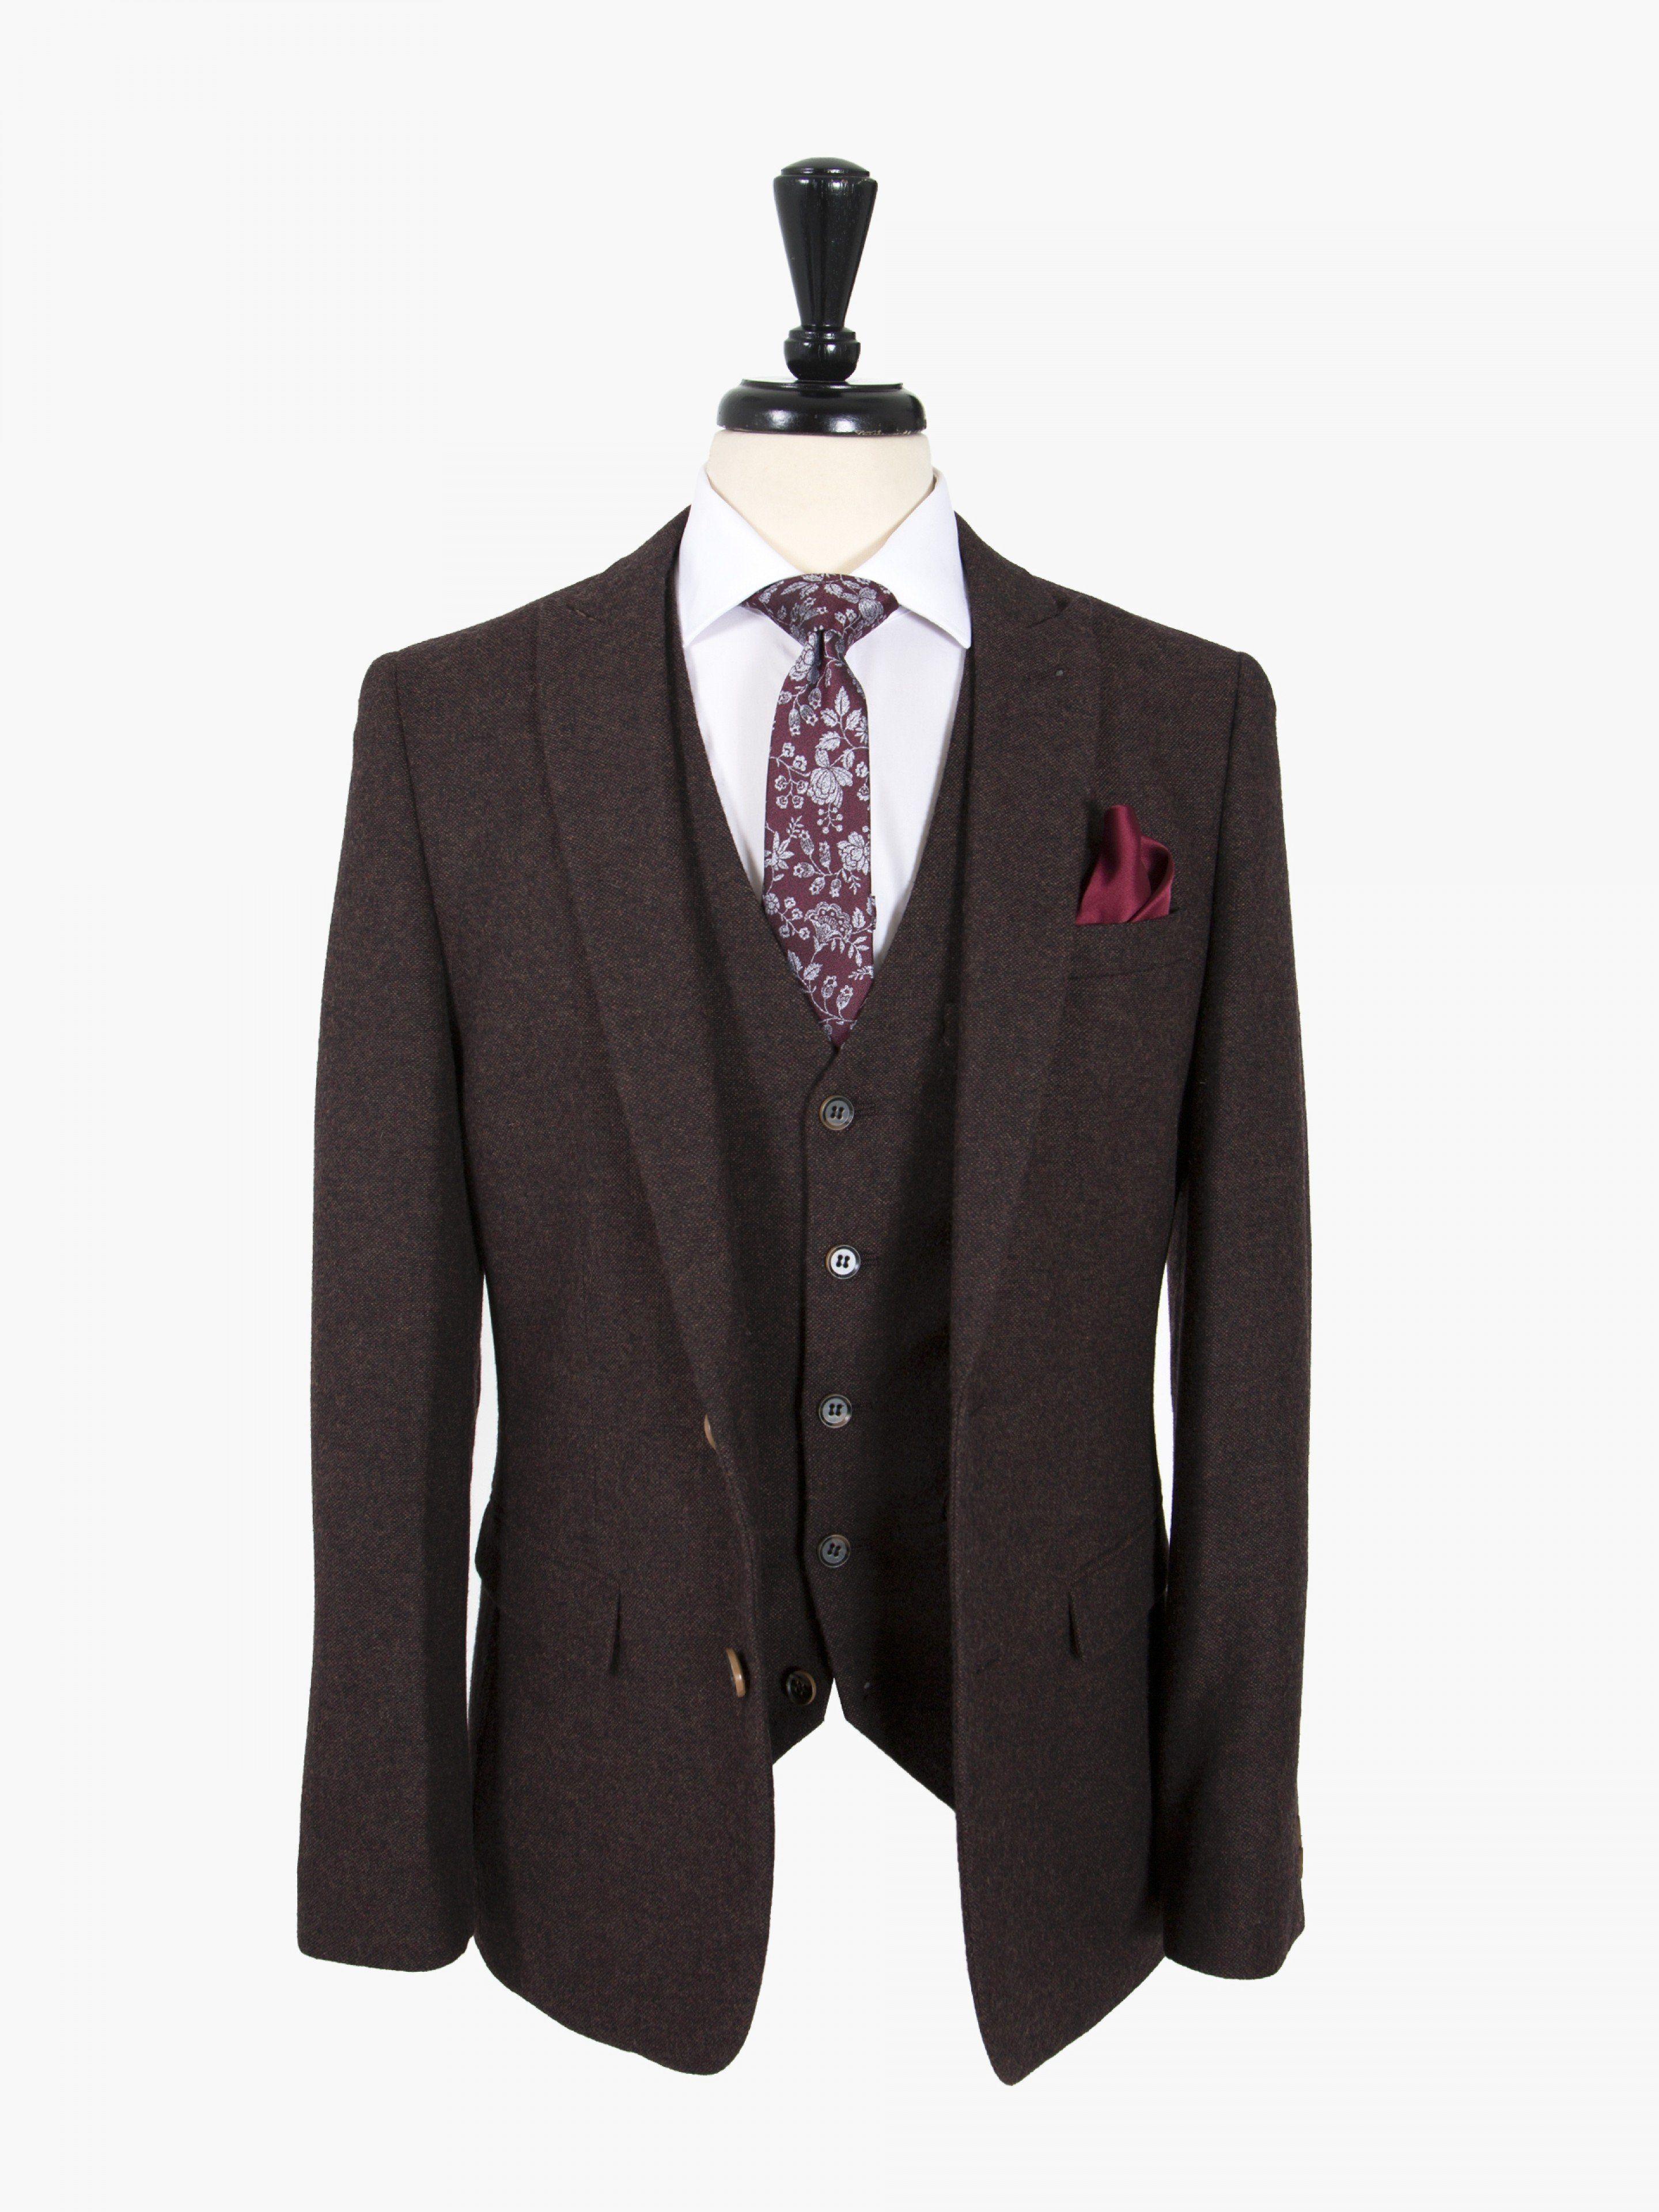 Harry Brown Burgundy Tweed Slim Fit Three Piece Suit